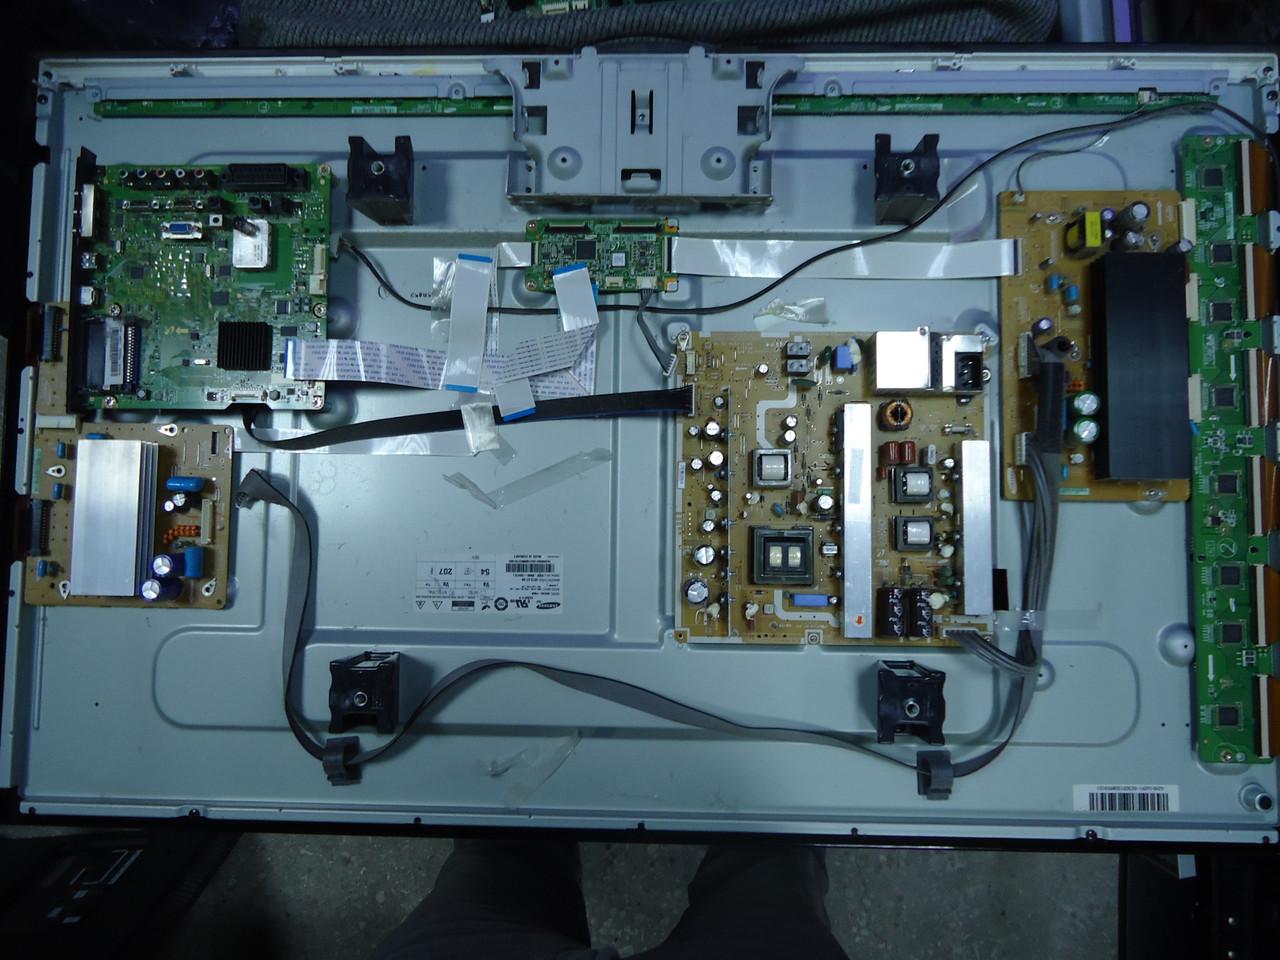 """Плазма 42"""" Samsung PS42C450B1W на запчасти (BN41-01361B, BN40-00173A, bn44-00329a, bn44-00330a)"""